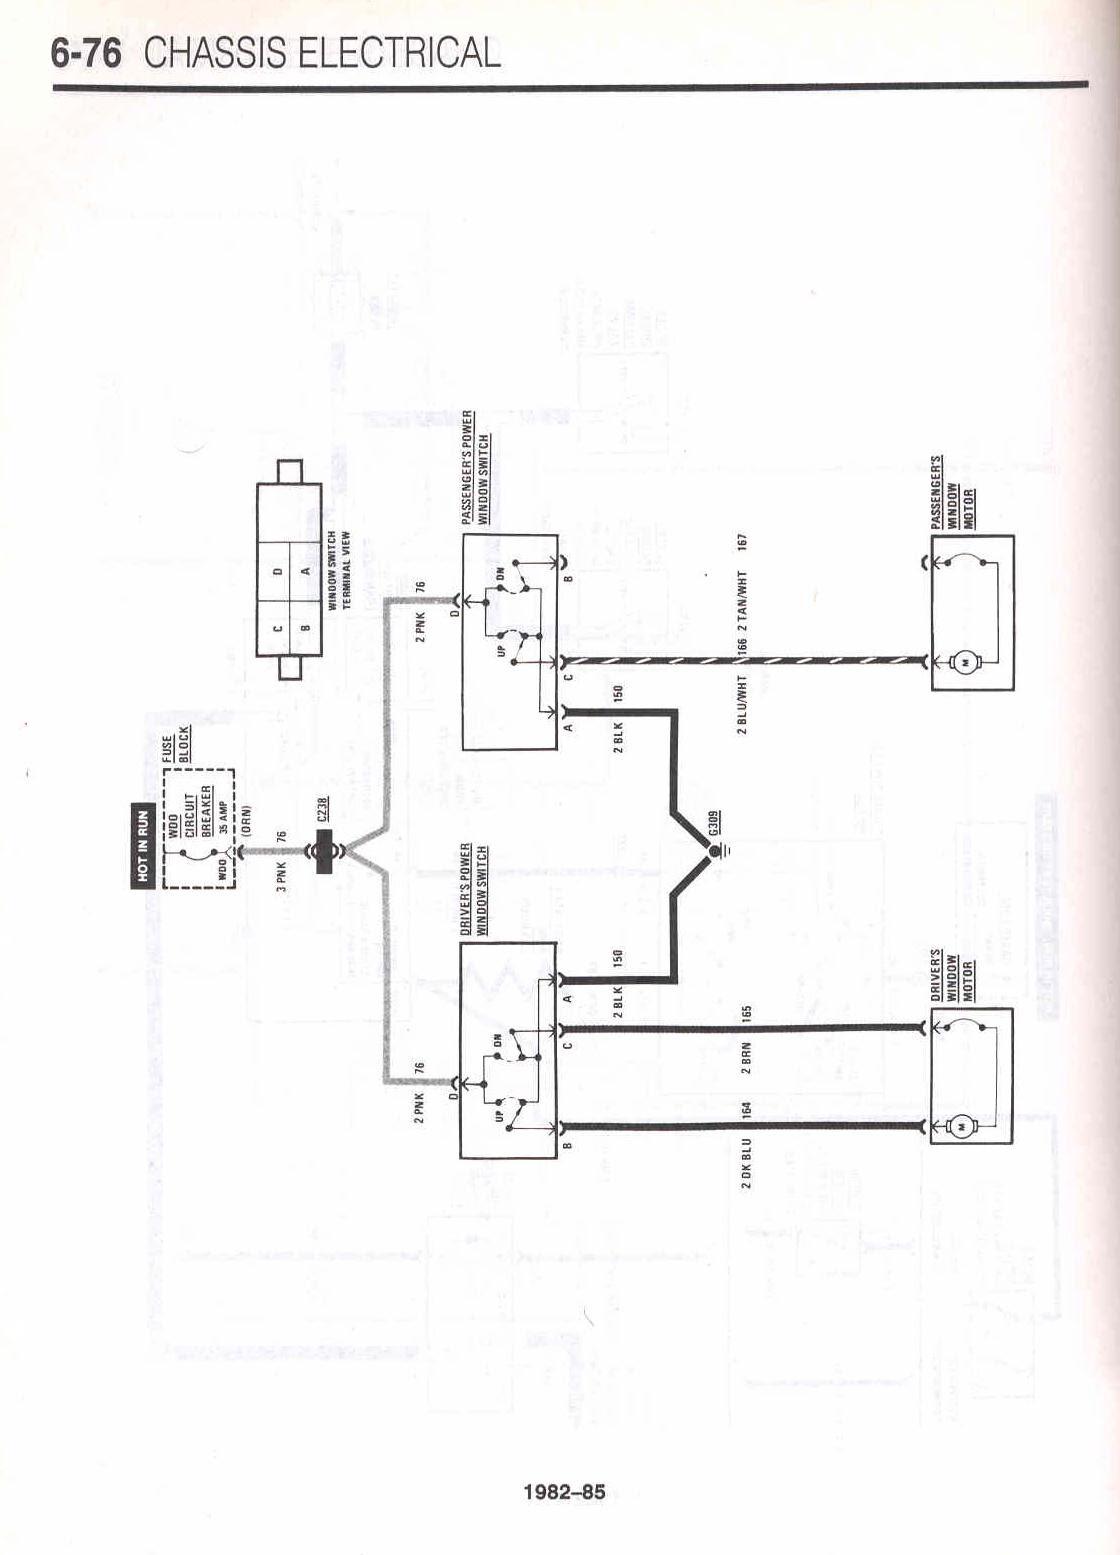 1983 Gmc Wiper Wiring Diagram Wiring Diagram Public B Public B Bowlingronta It